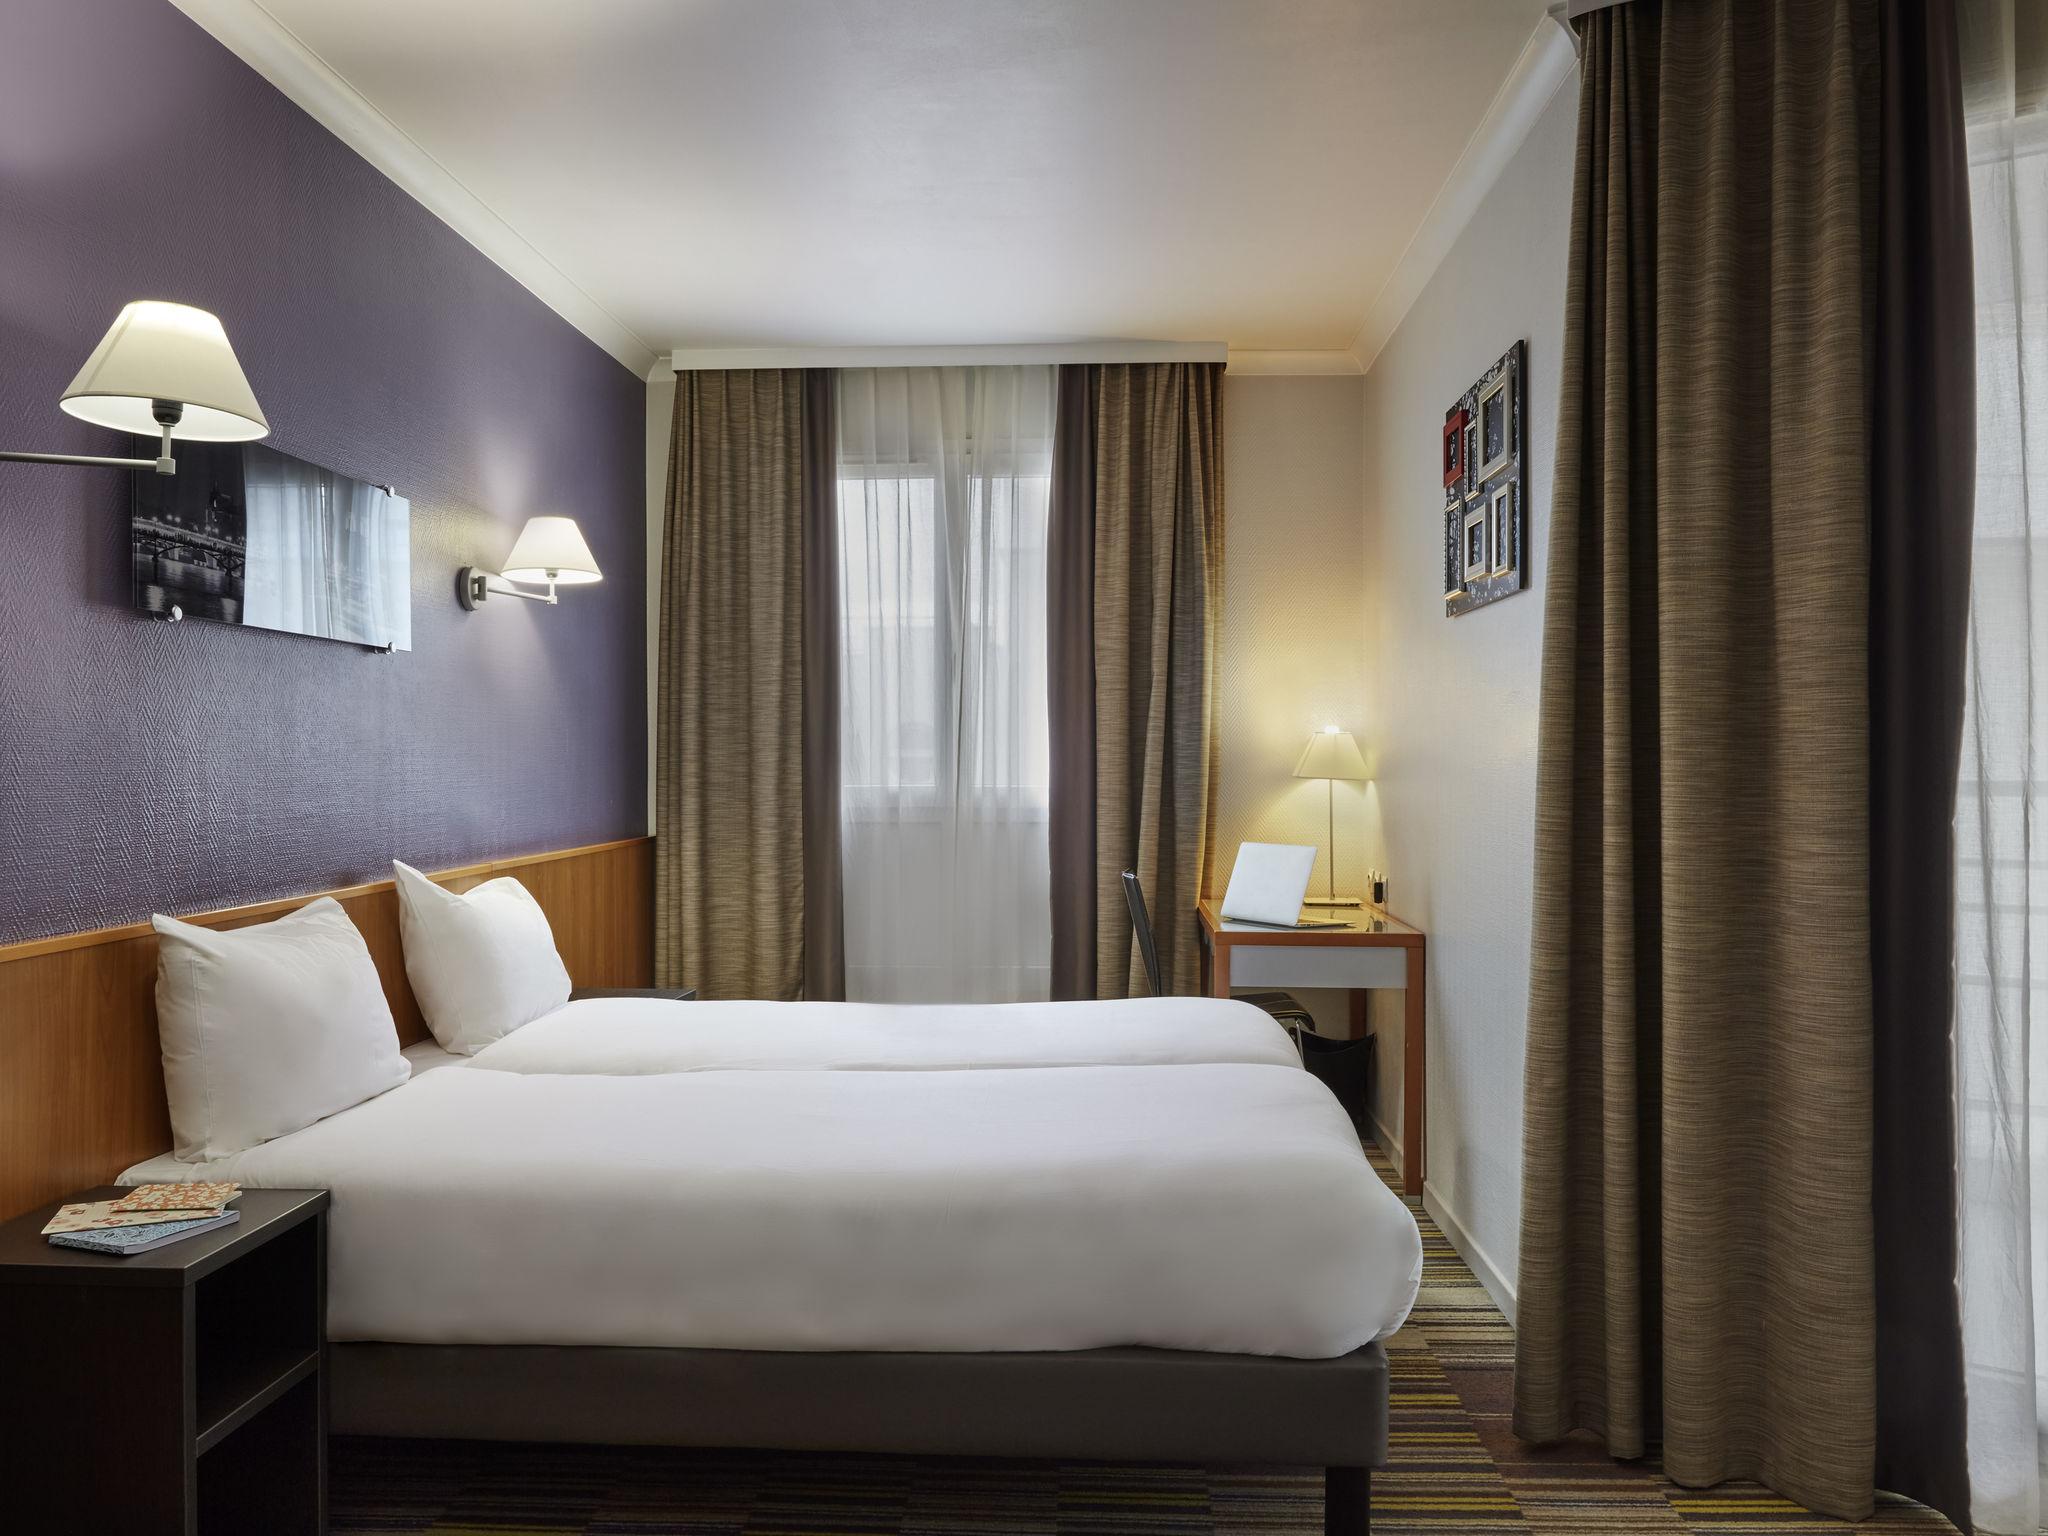 Hotel - Aparthotel Adagio la Defense le Parc